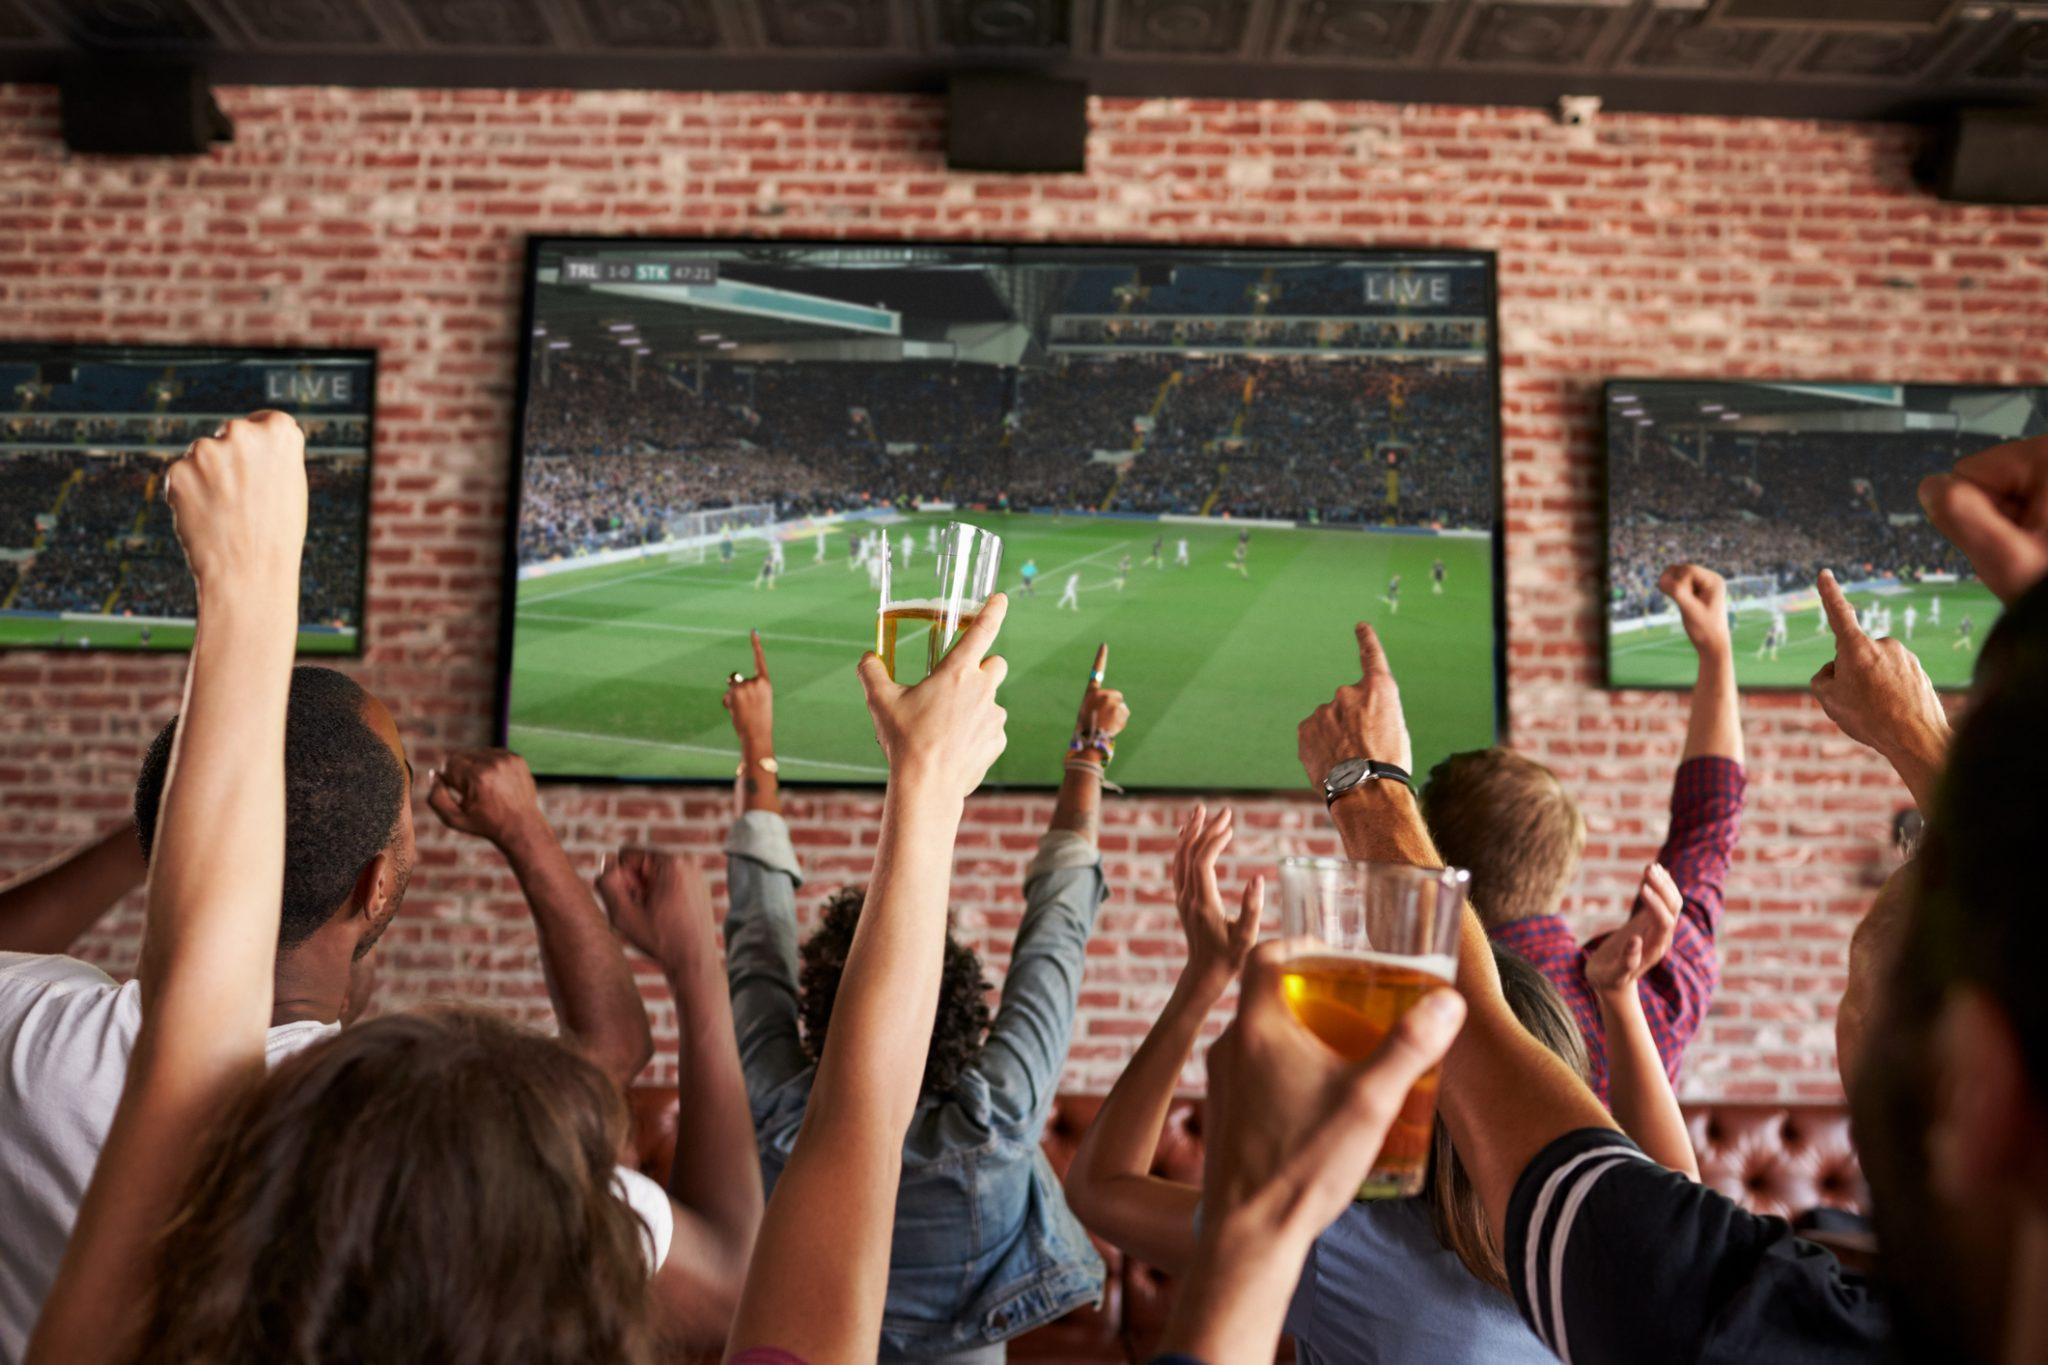 Uma perspectiva empirista sobre o público jovem e o futebol